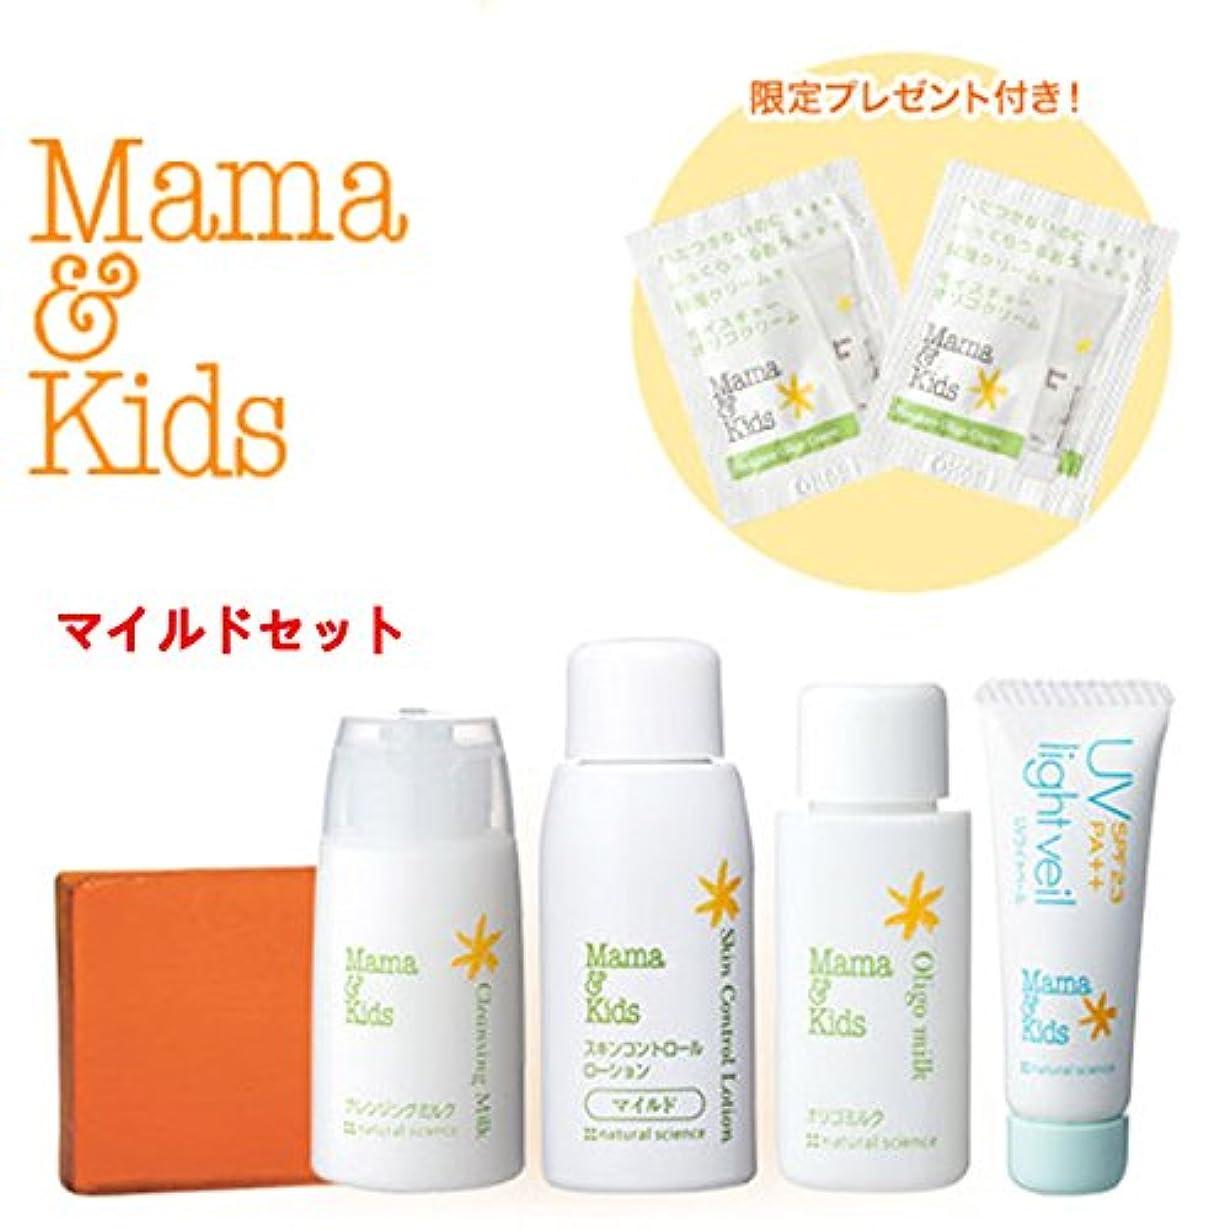 ヒットマイクロフォン弁護人ママ&キッズぷるぷるお肌トライアルセット(マイルド)/Mama&Kids SkinCare Travel set/孕期基础护肤试用装普通保湿